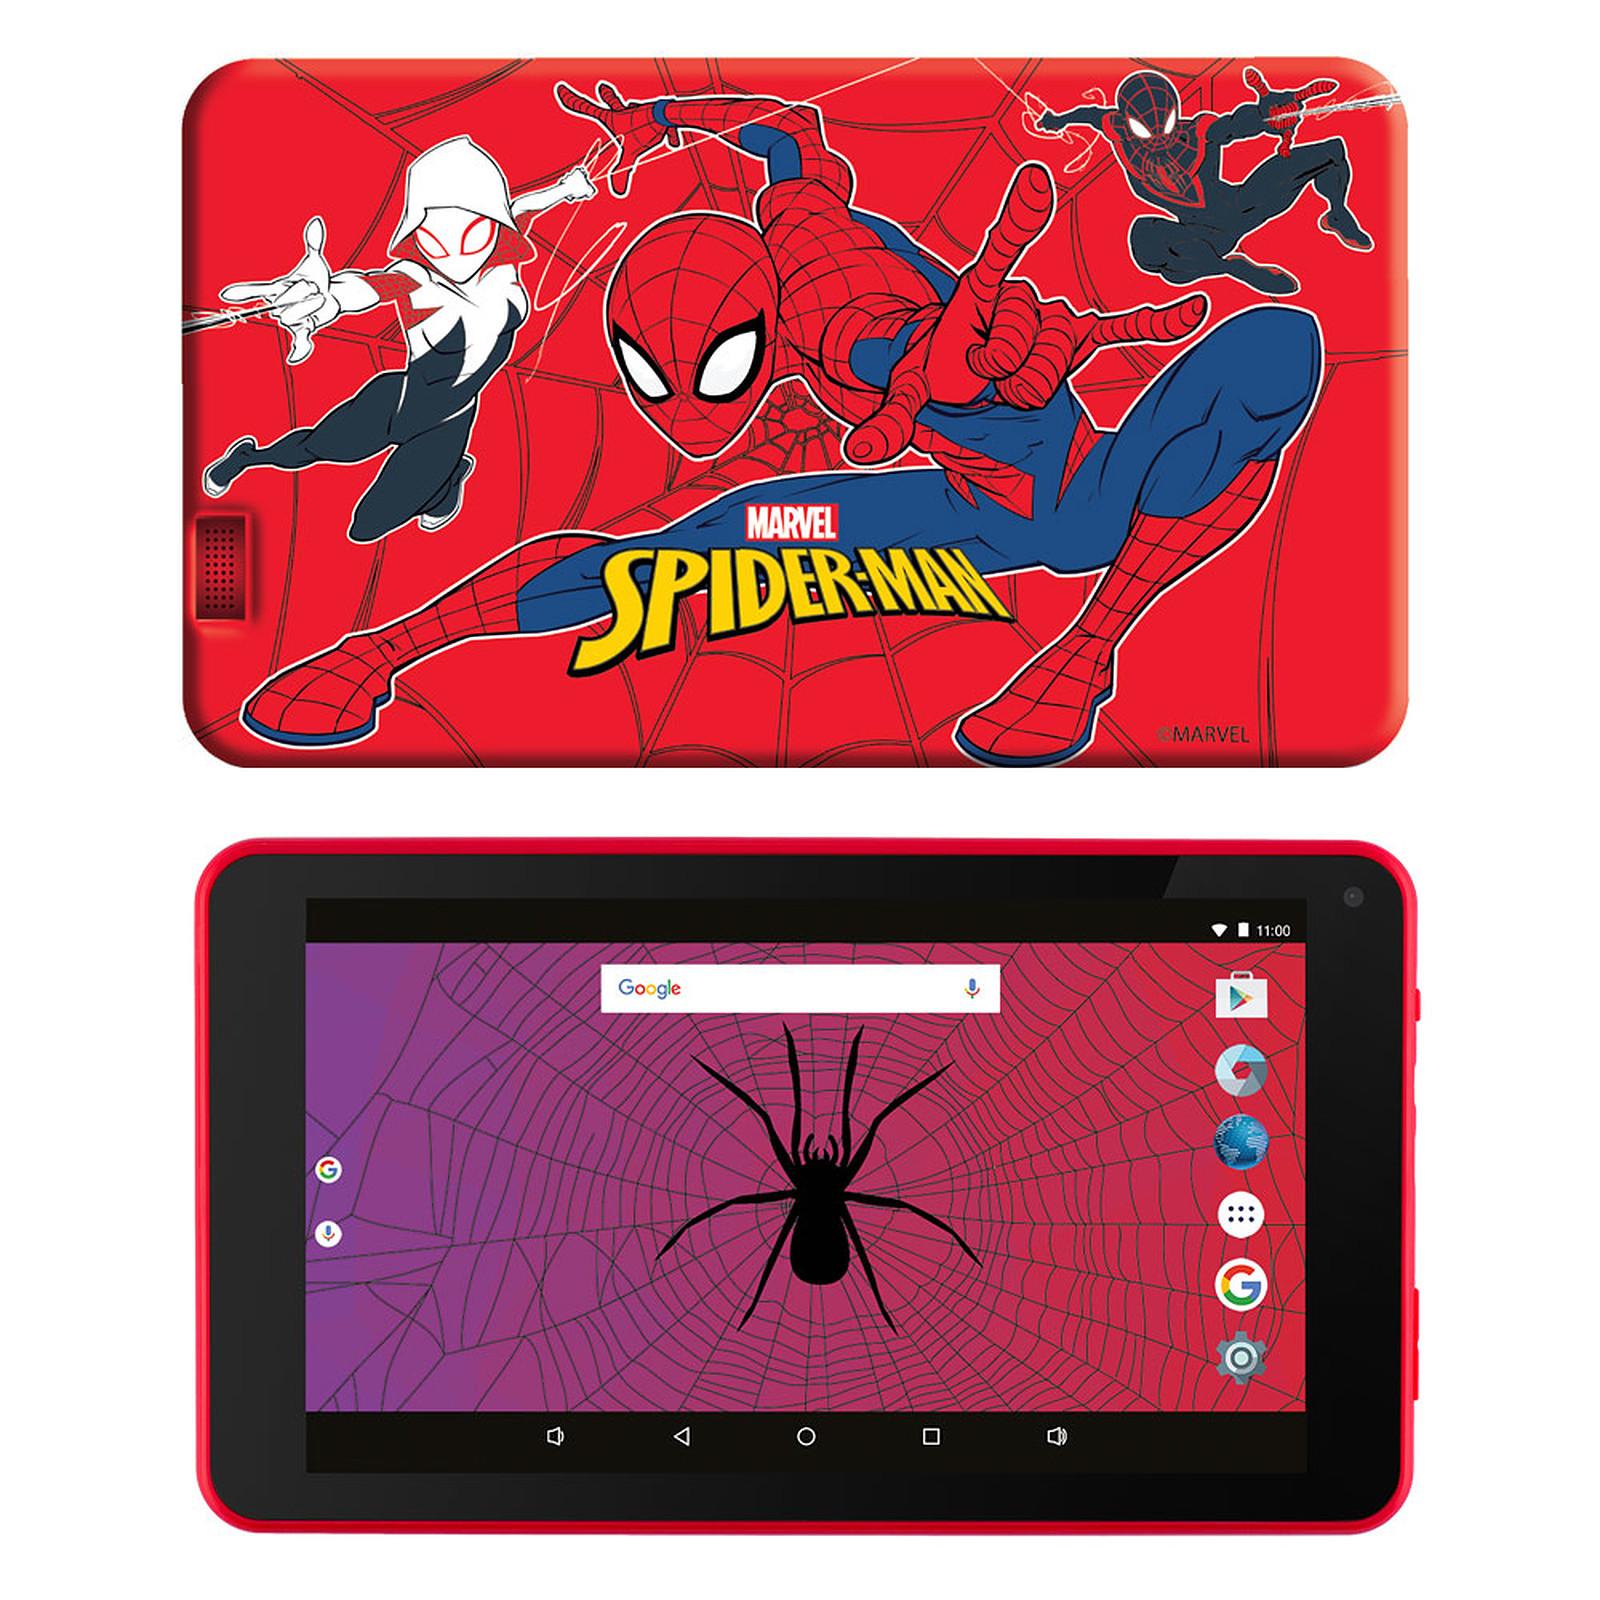 eSTAR HERO Tablet (Spider-Man)